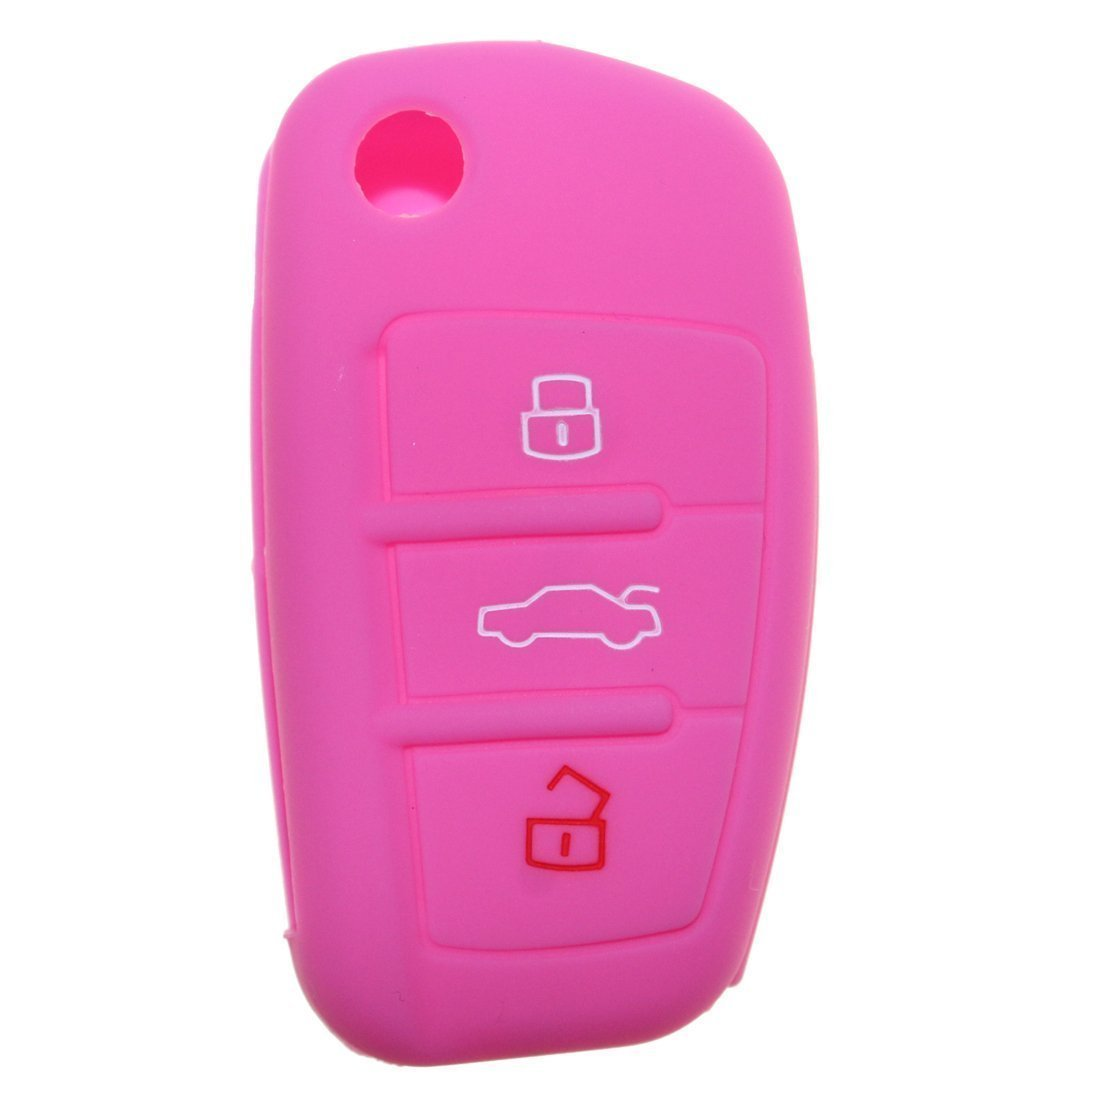 con aislamiento funda para klapps chlu Essel Carcasa Llave para llaves 3/botones for Audi 1pc color rosa Silicona Key Cover Case Carcasa Seat Llave de llave fija